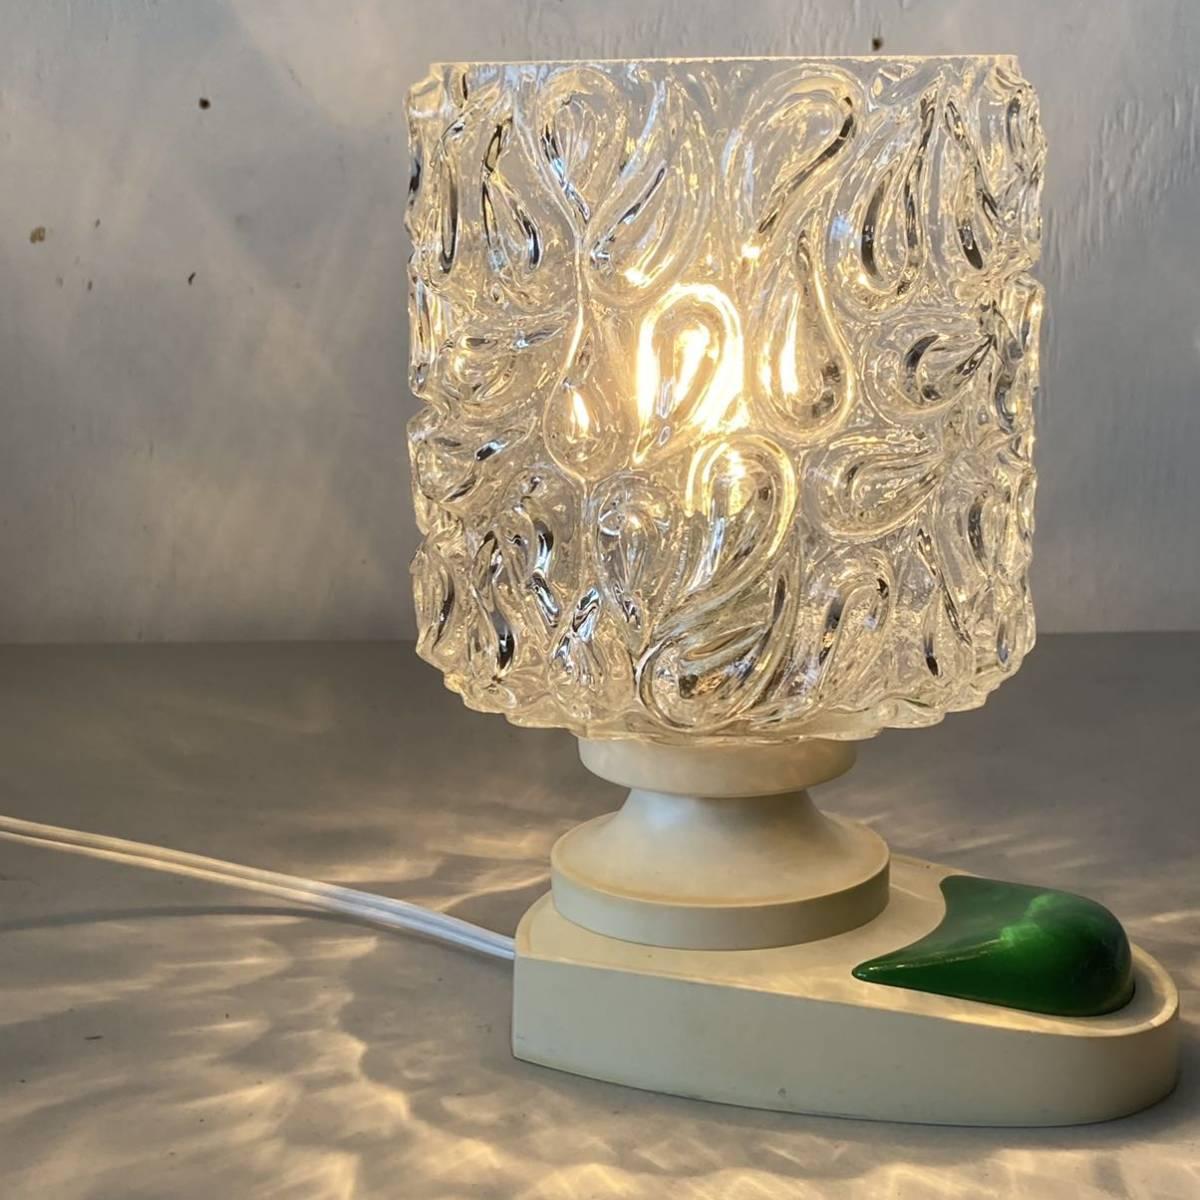 ドイツ70's ヴィンテージ ガラス シェード テーブルランプ ベッドサイド レトロ スペースエイジ インテリア_画像3